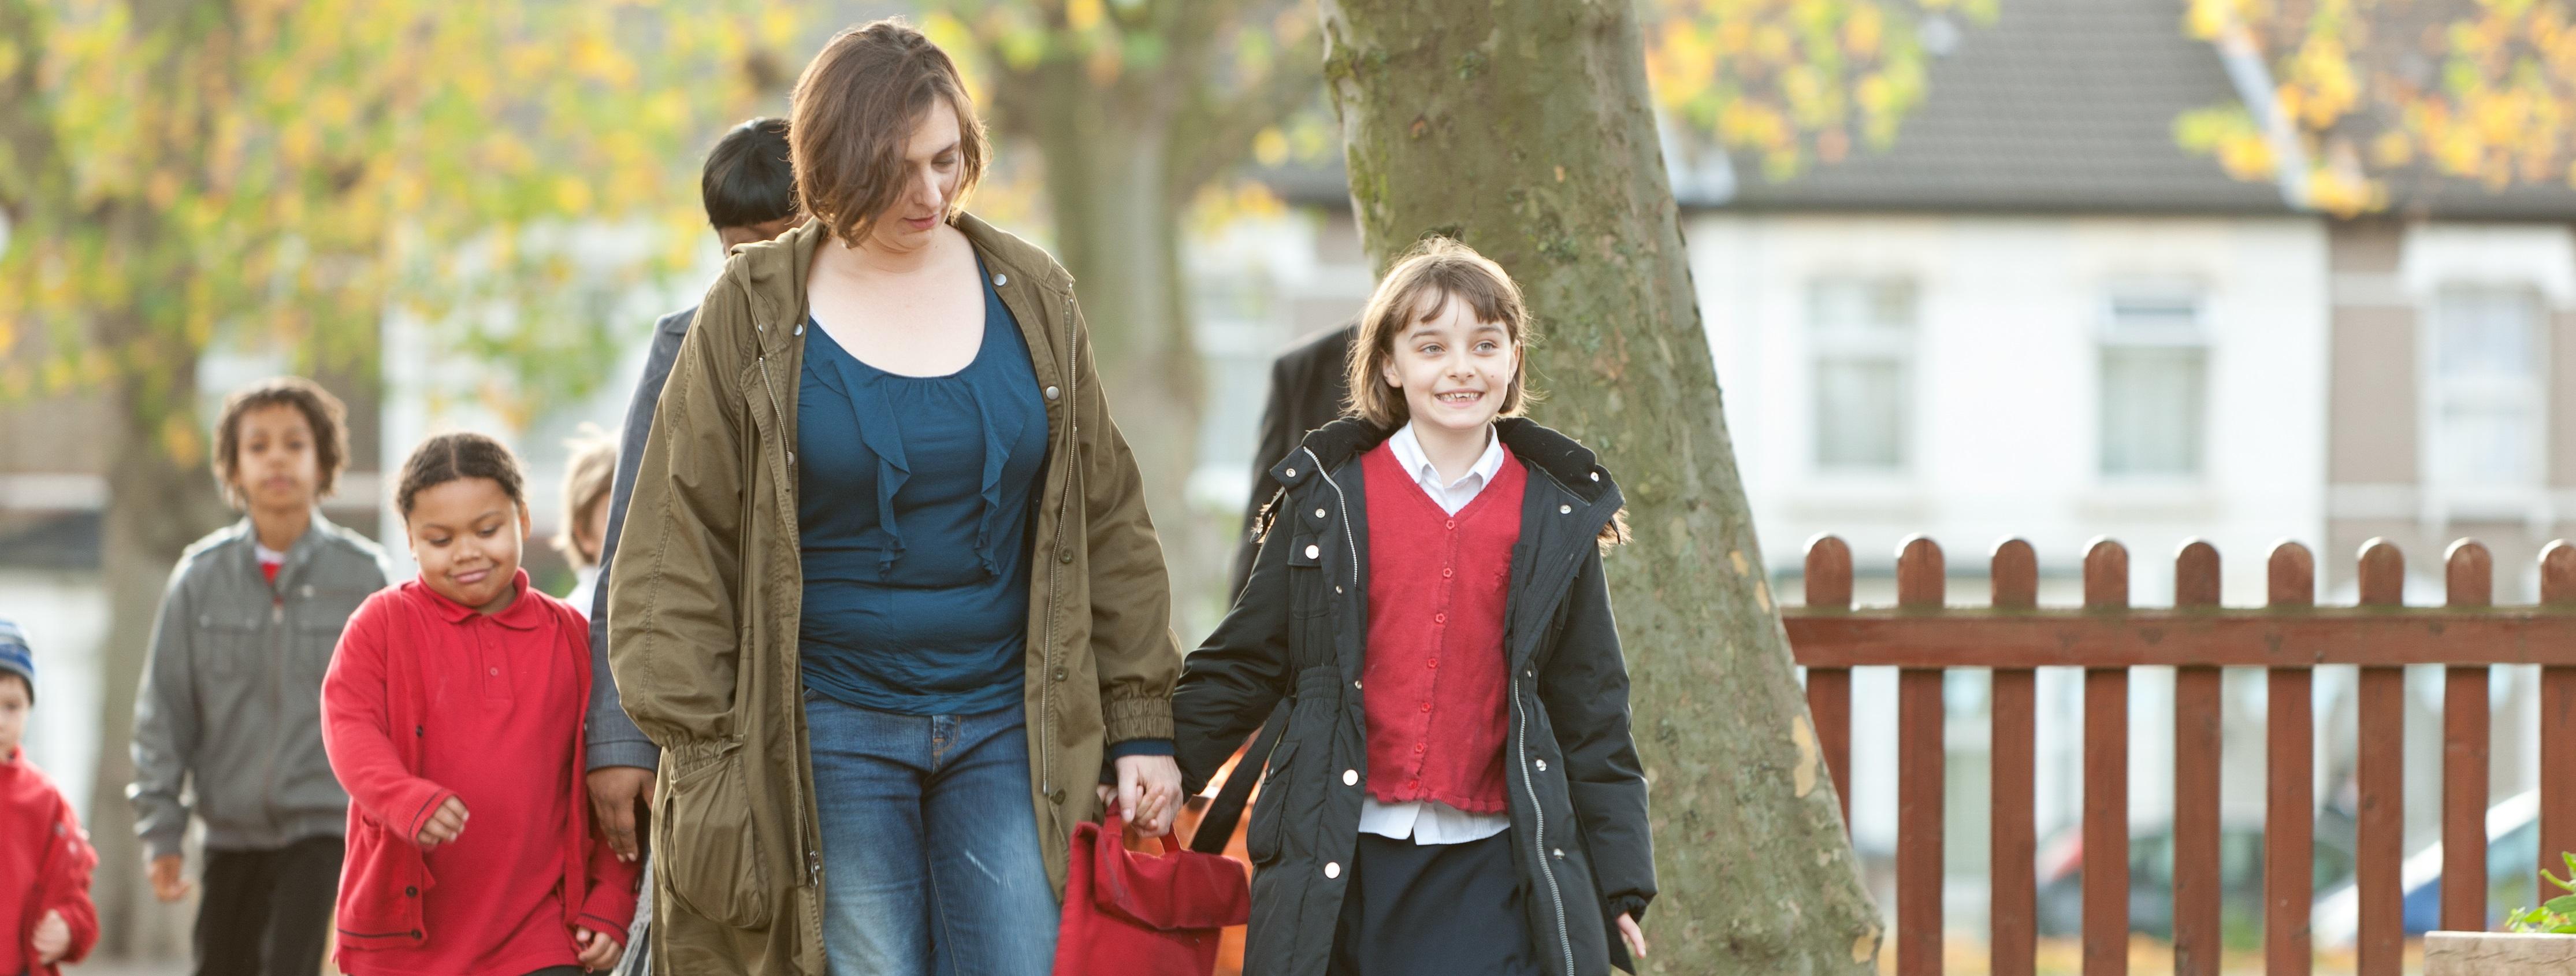 Parents walking their children into school